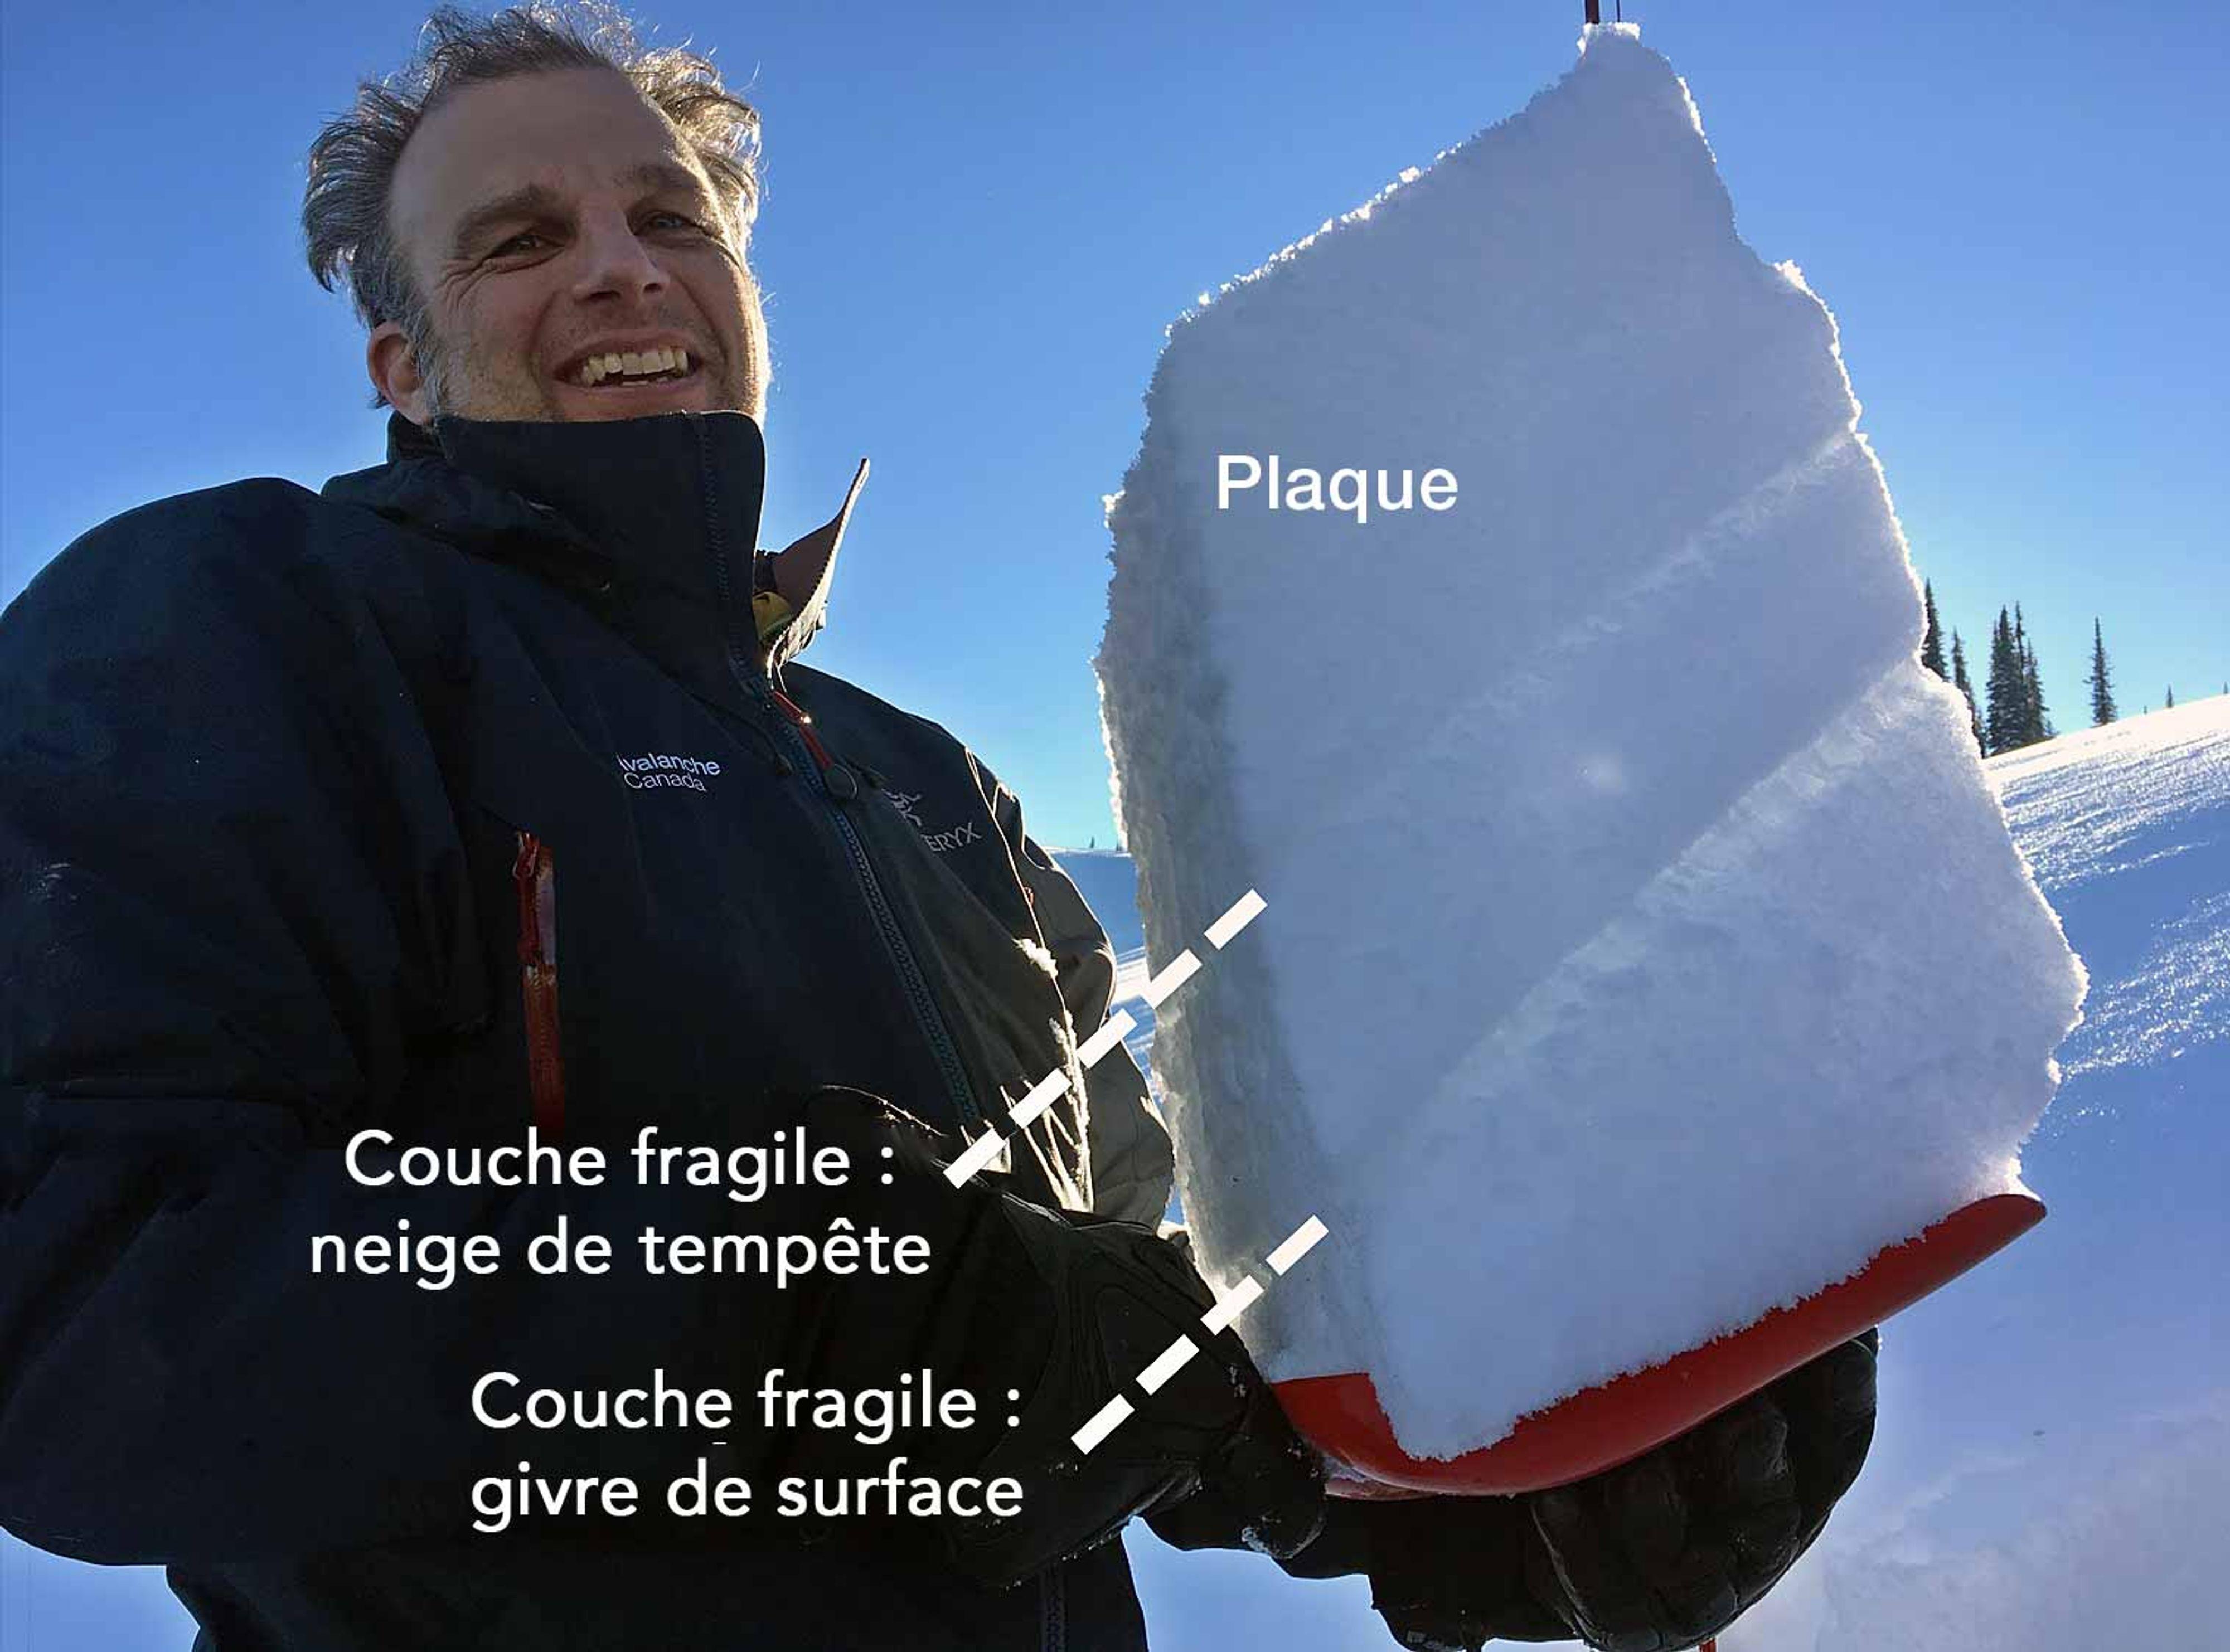 Lorsqu'on creuse dans le manteau neigeux, il est souvent possible d'observer les différentes couches et parfois même d'identifier les couches fragiles qui se trouvent entre les couches plus solides. La façon dont ces couches sont réparties détermine la probabilité qu'une avalanche survienne.